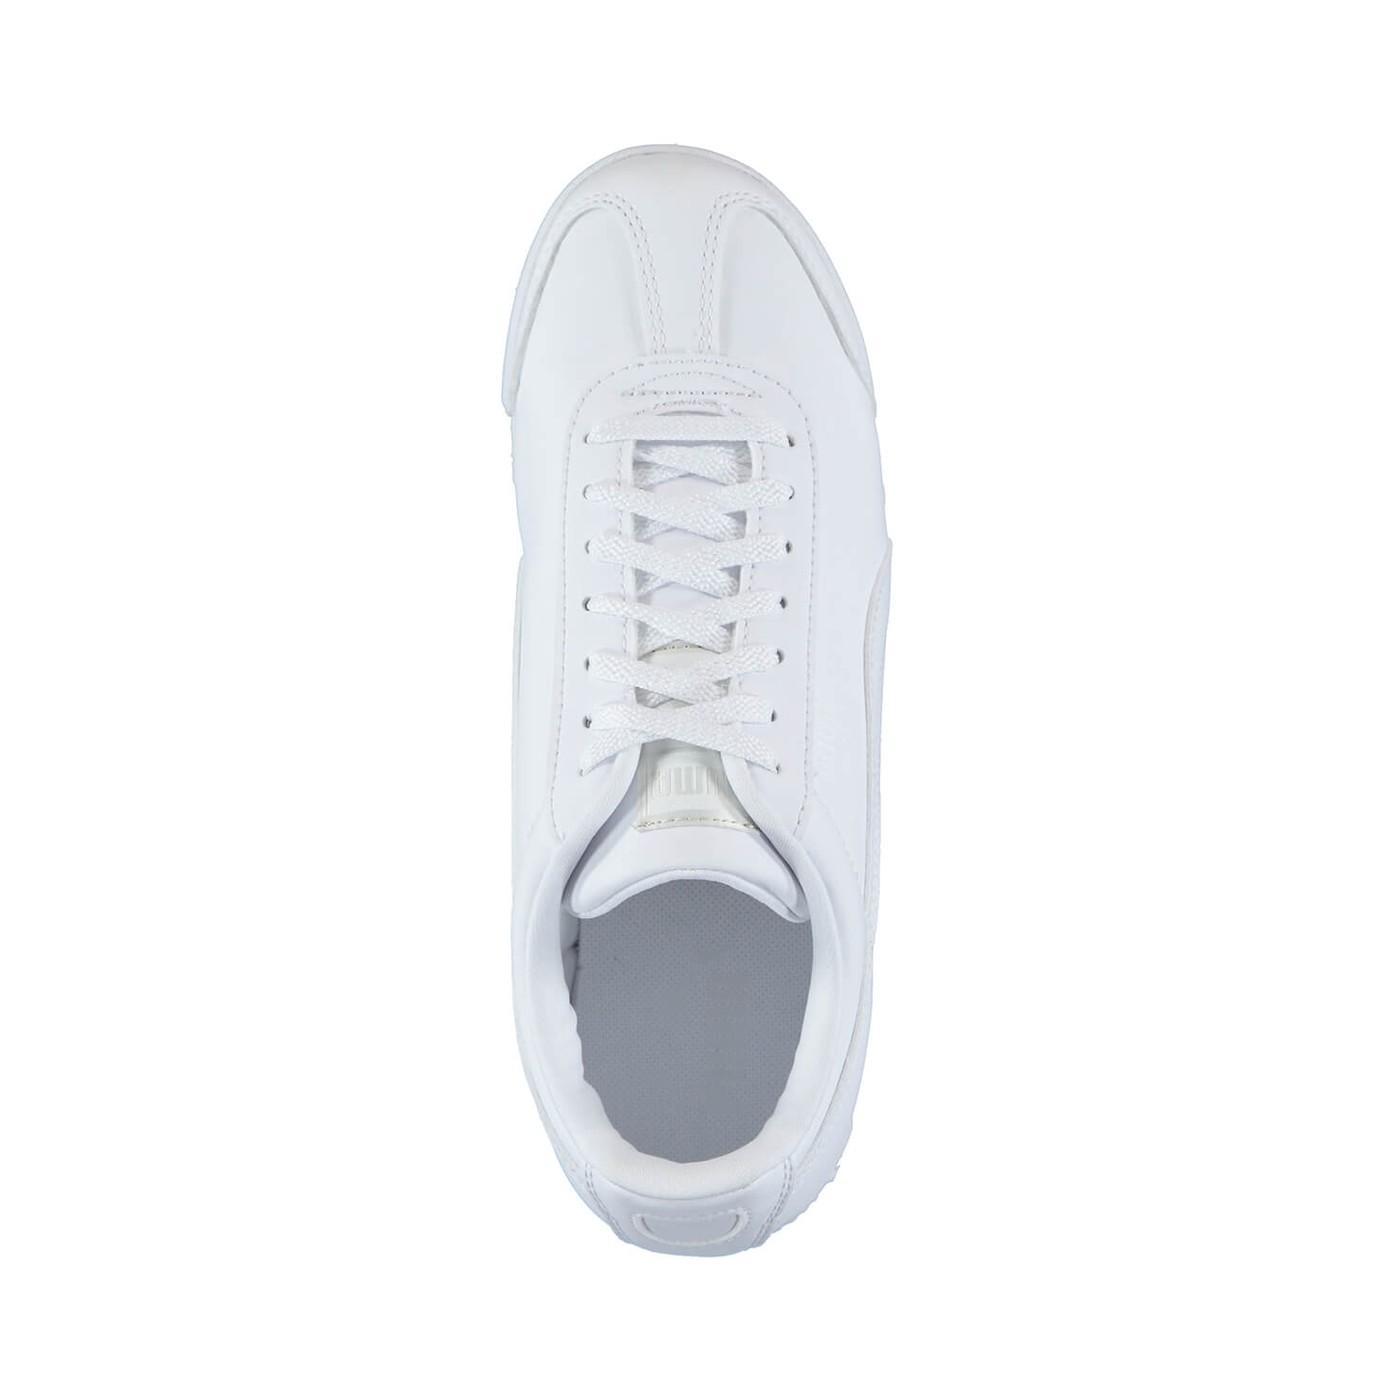 Puma Roma Basic Beyaz Kadın Spor Ayakkabı